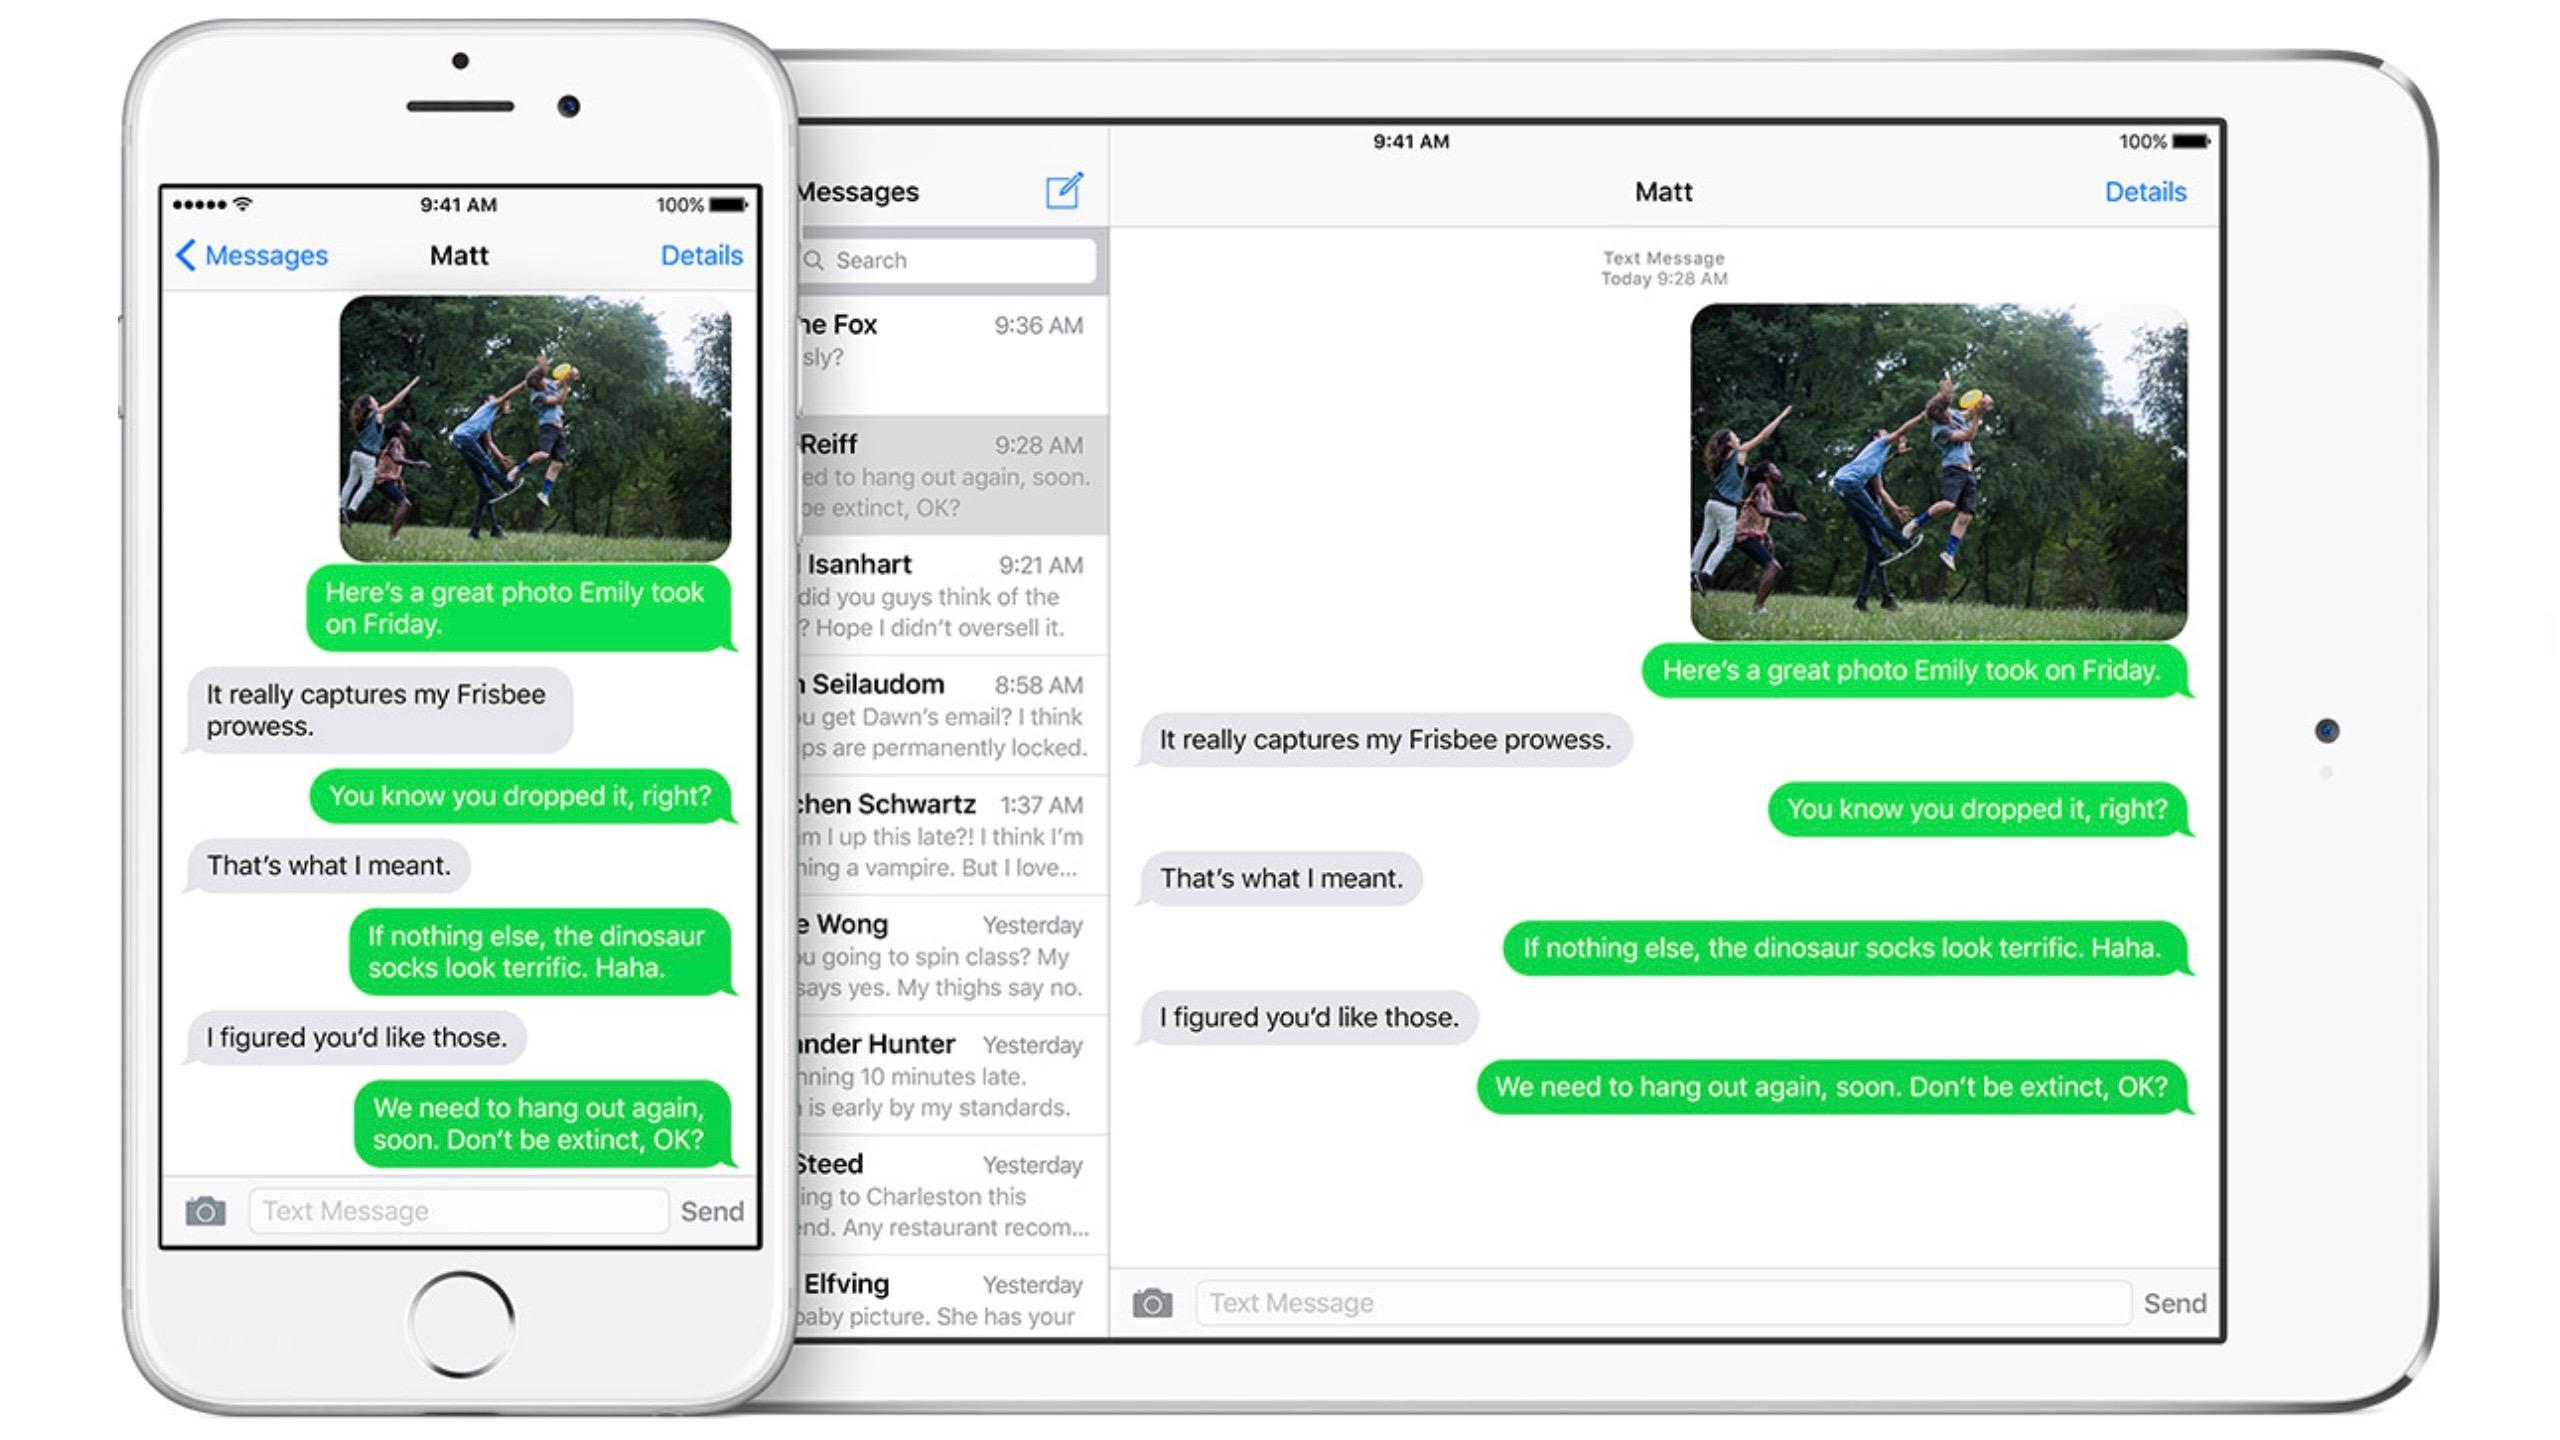 """<span href=""""https://9to5mac.com/2015/11/15/how-to-free-up-space-in-messages-photos-iphone-ipad/"""">iOS 9-A: eliminar Rápidamente múltiples imágenes en los Mensajes para liberar espacio sin perder tus conversaciones</a>"""